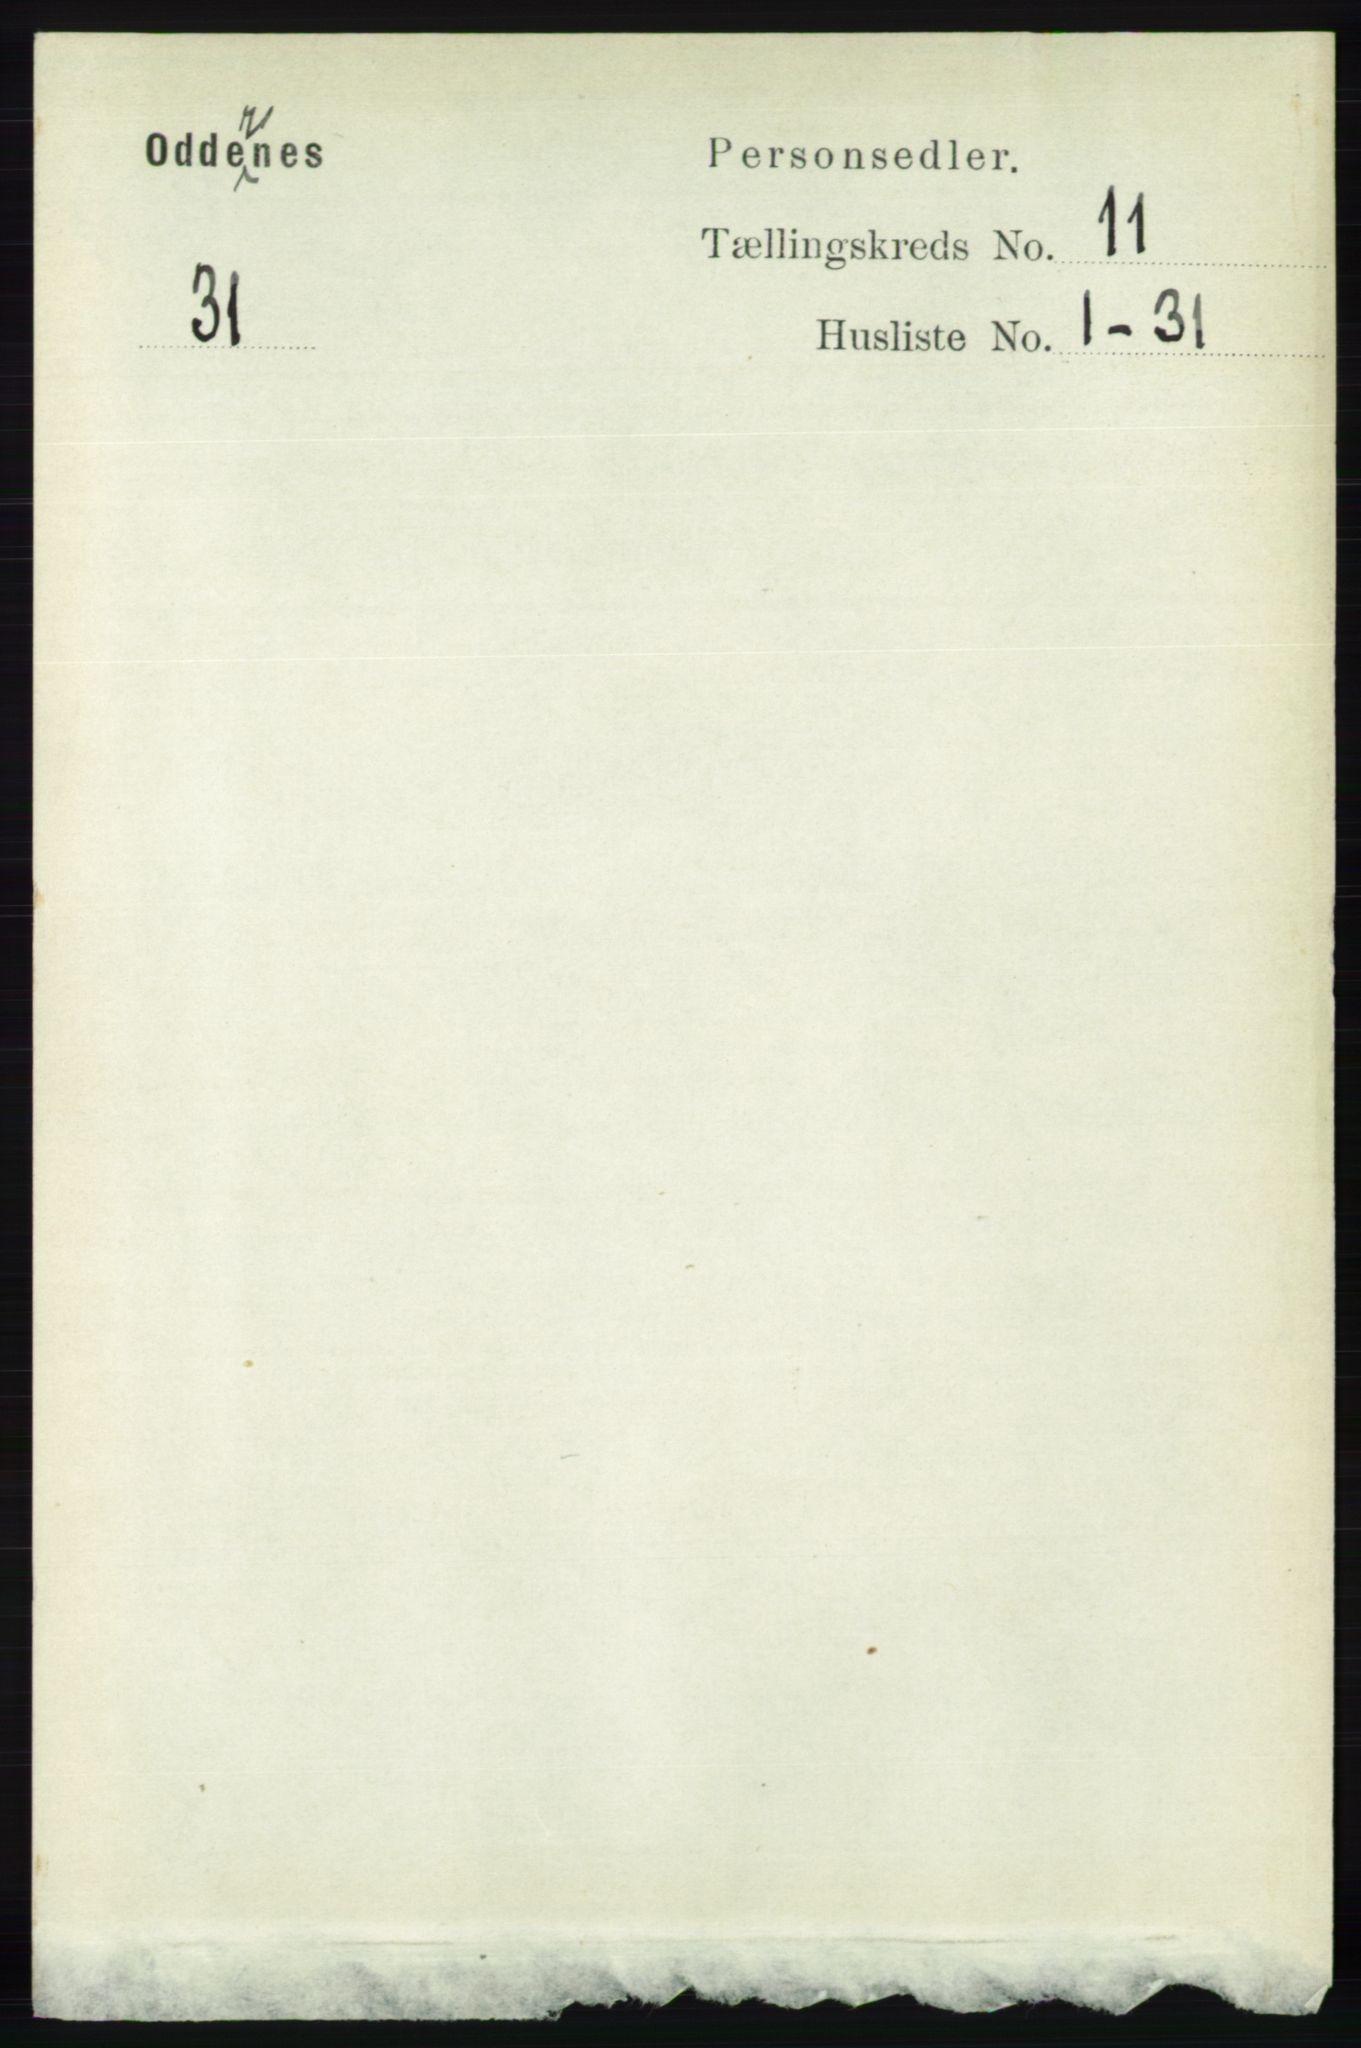 RA, Folketelling 1891 for 1012 Oddernes herred, 1891, s. 4135